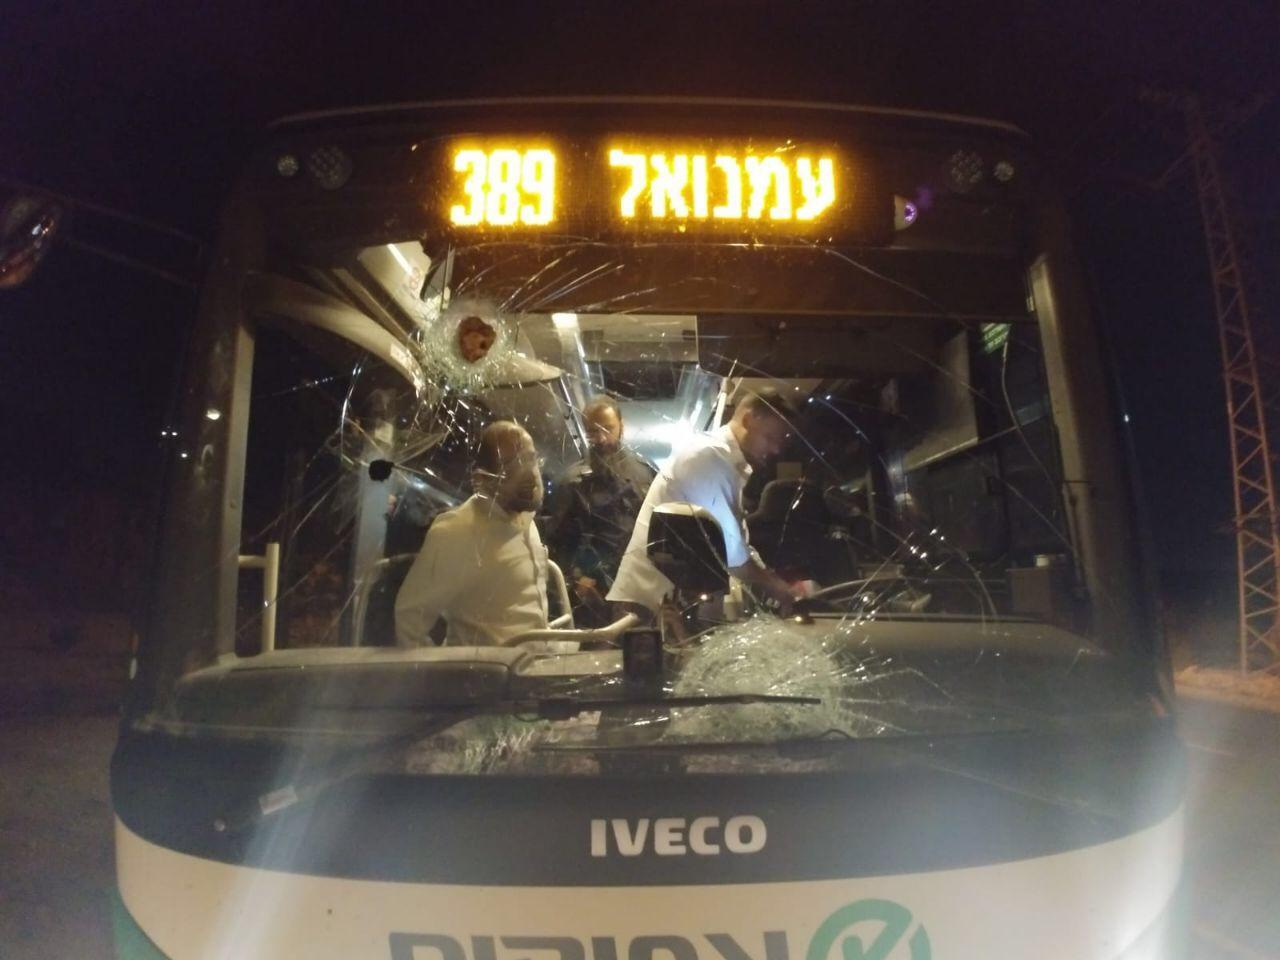 האוטובוס שהותקף (ביטחון עמנואל)